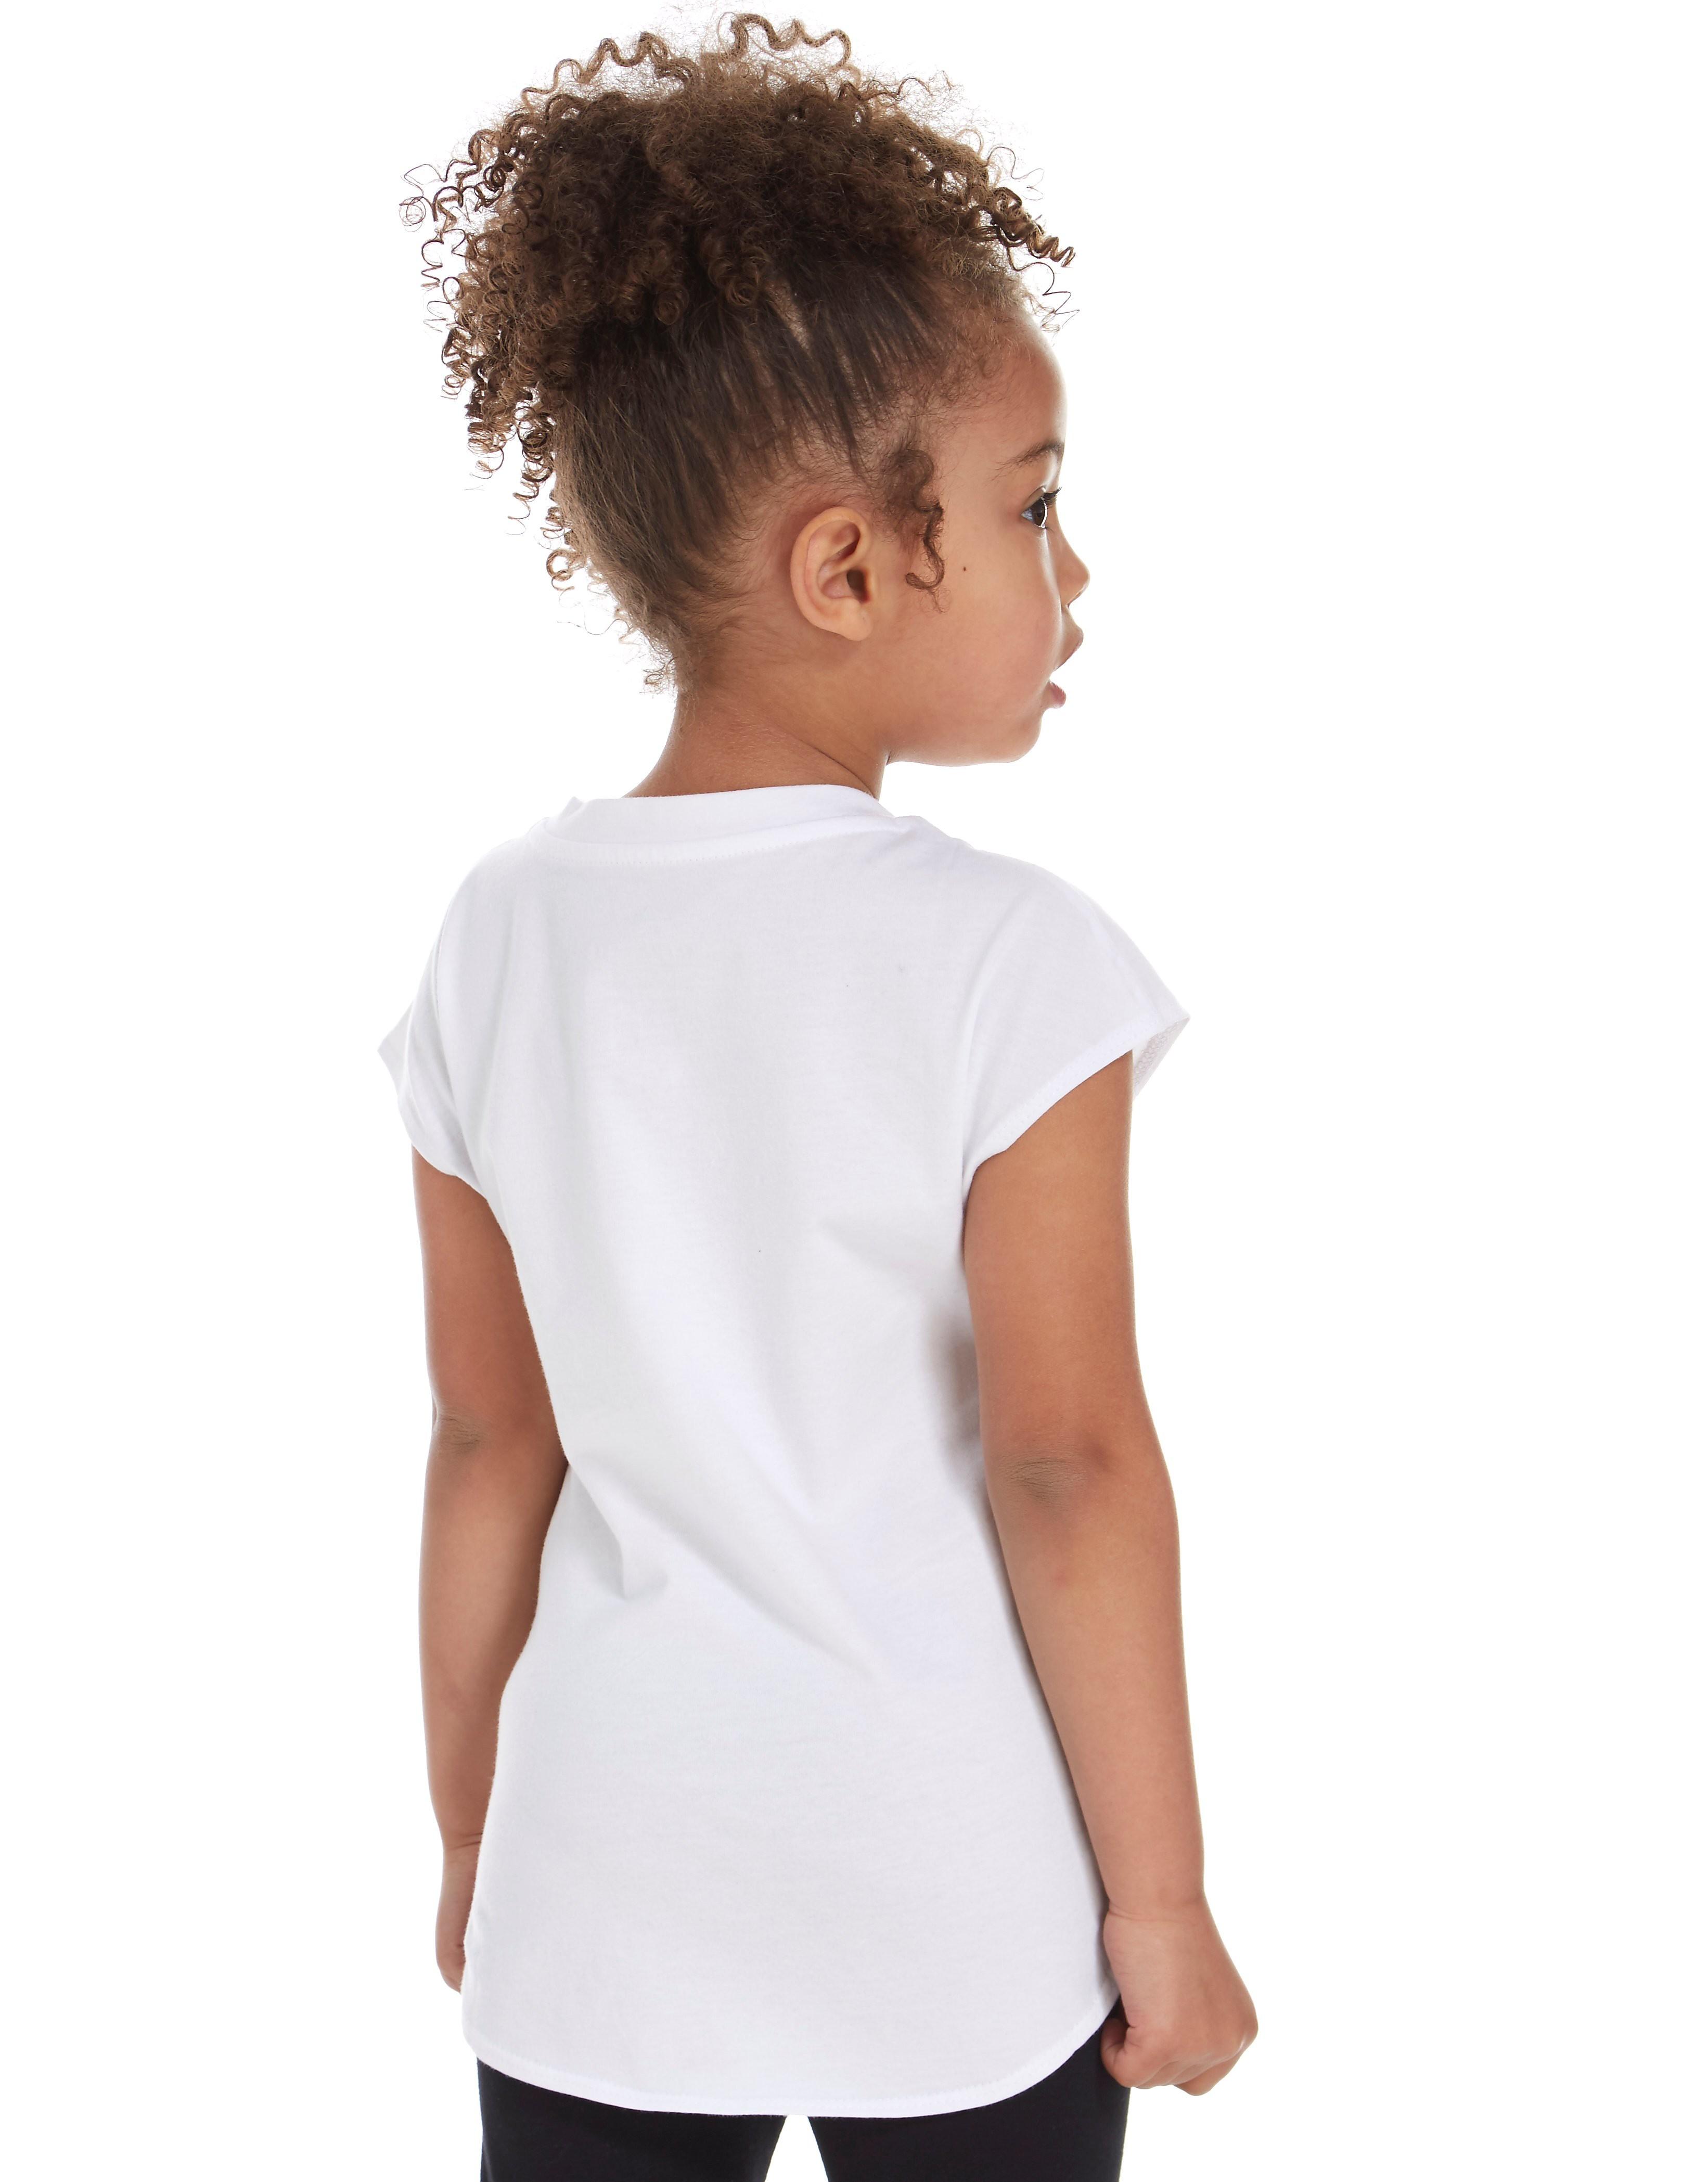 Nike Girls' Iridescent T-Shirt Children